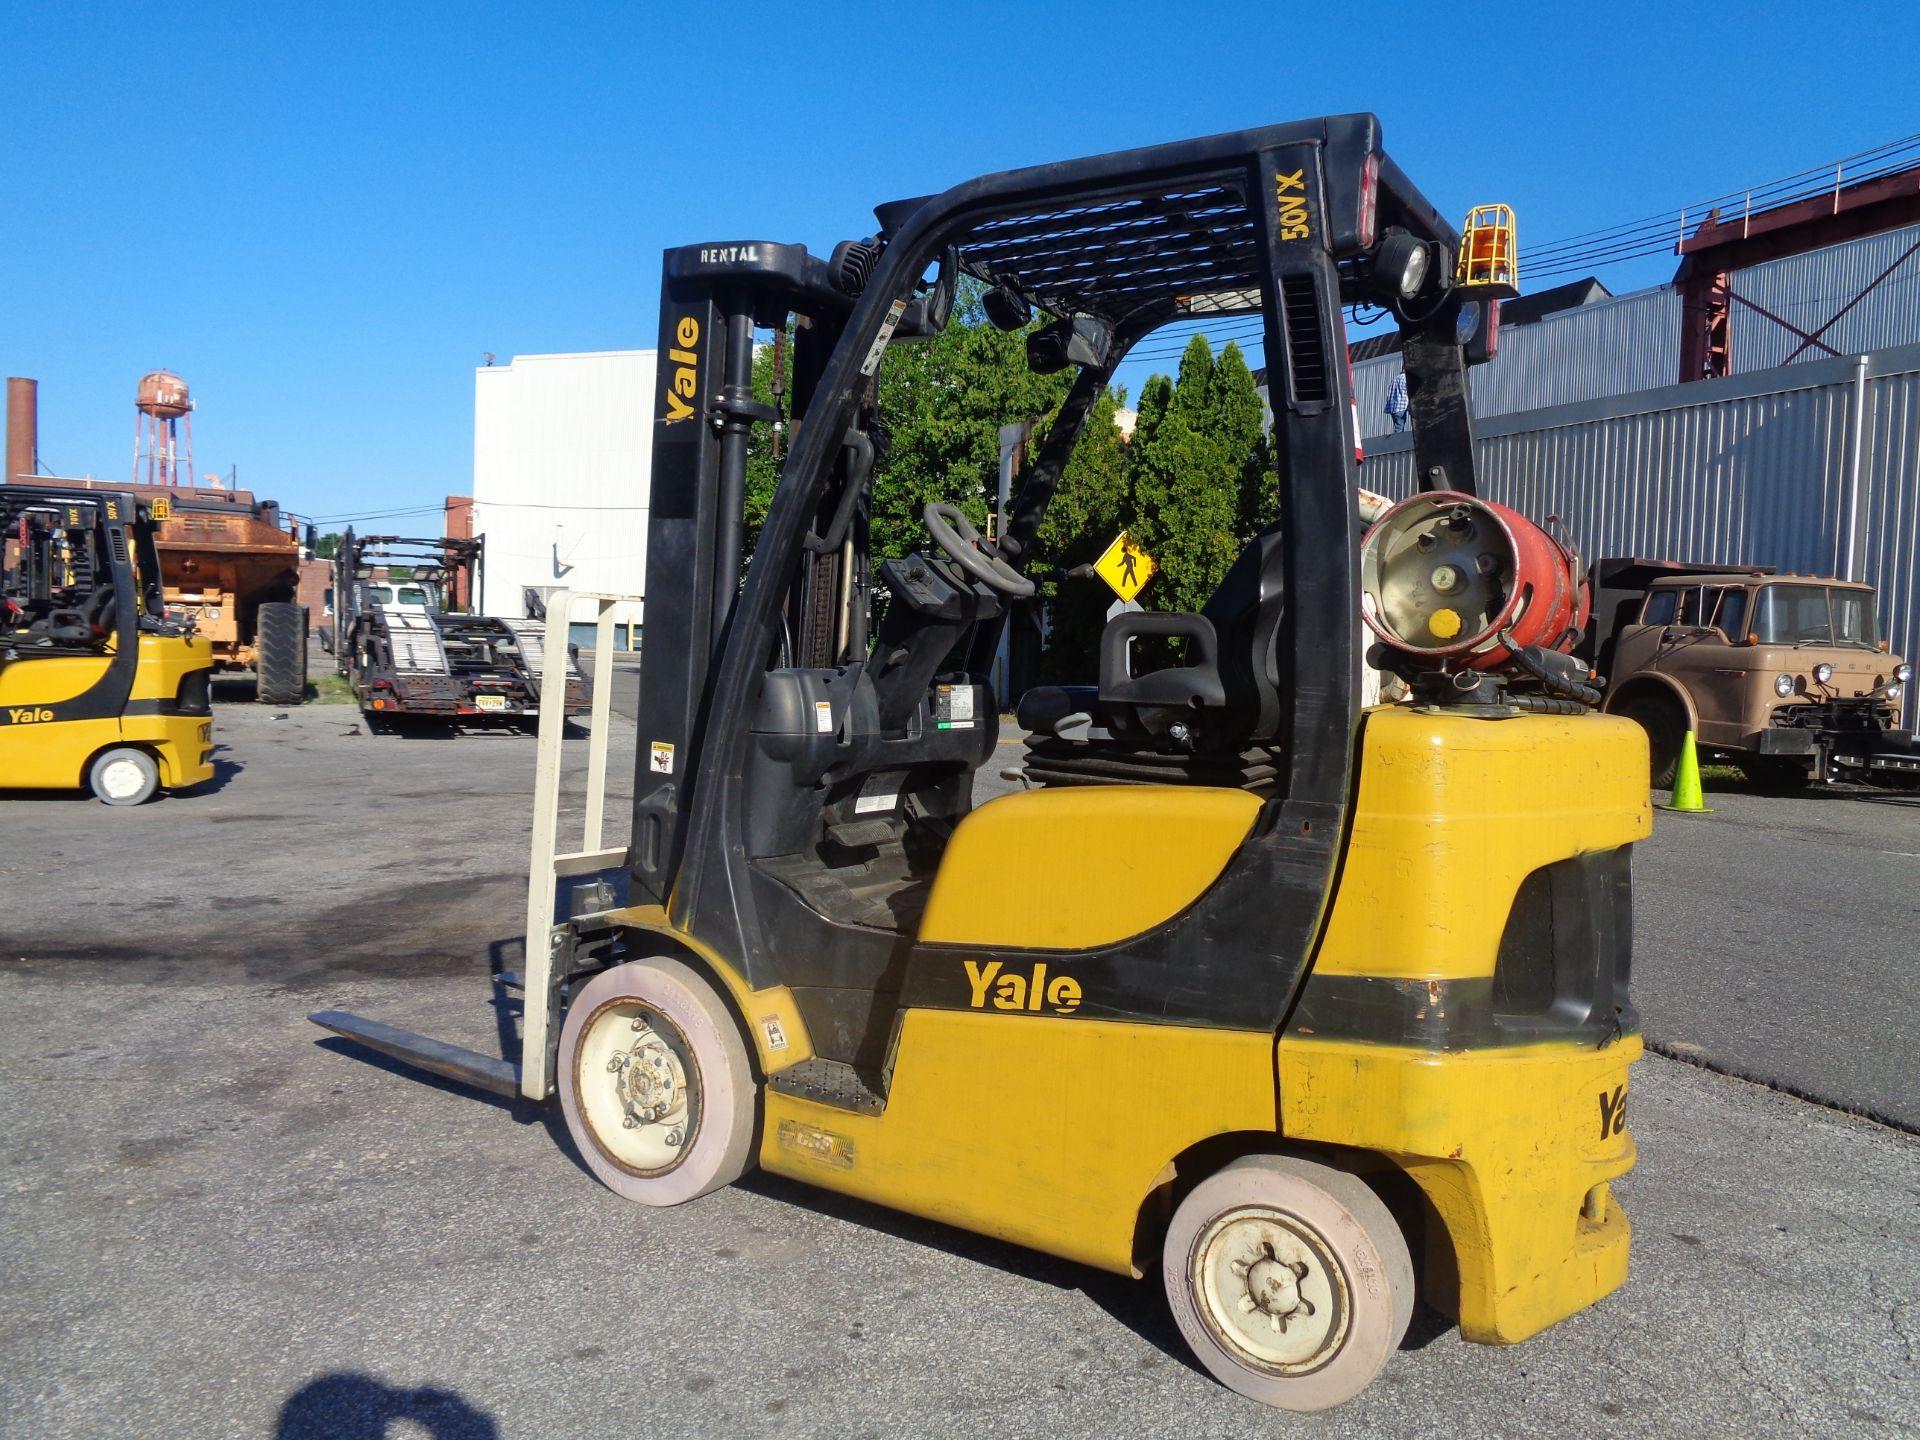 2014 Yale GLC050VXNVRE088 5,000 lb Forklift - Image 9 of 11